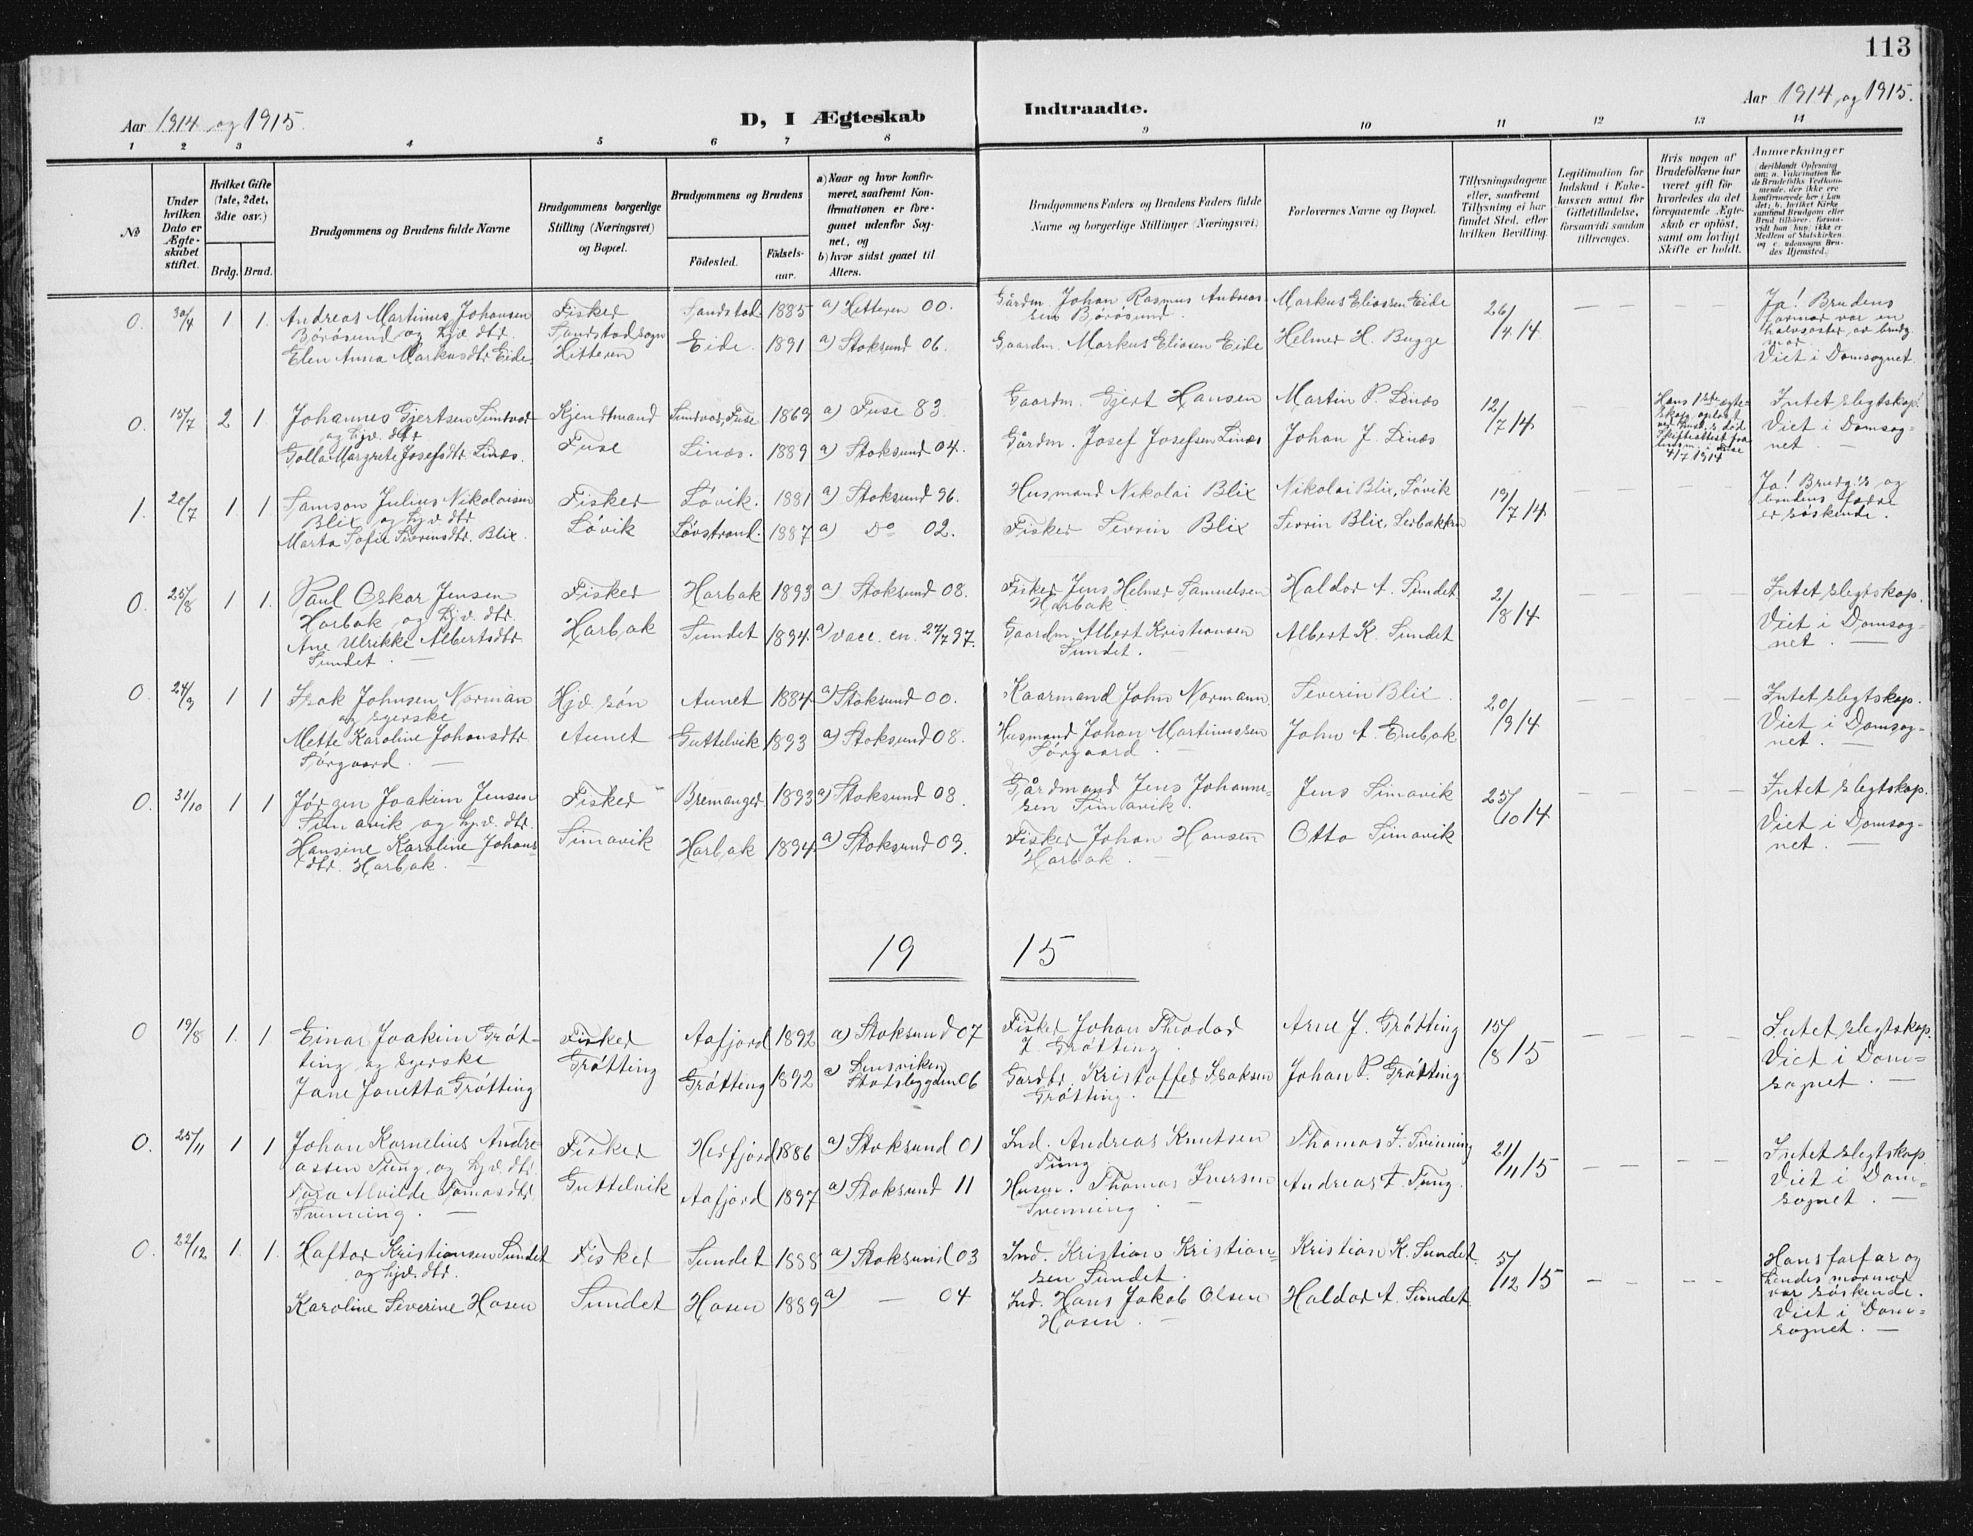 SAT, Ministerialprotokoller, klokkerbøker og fødselsregistre - Sør-Trøndelag, 656/L0699: Klokkerbok nr. 656C05, 1905-1920, s. 113